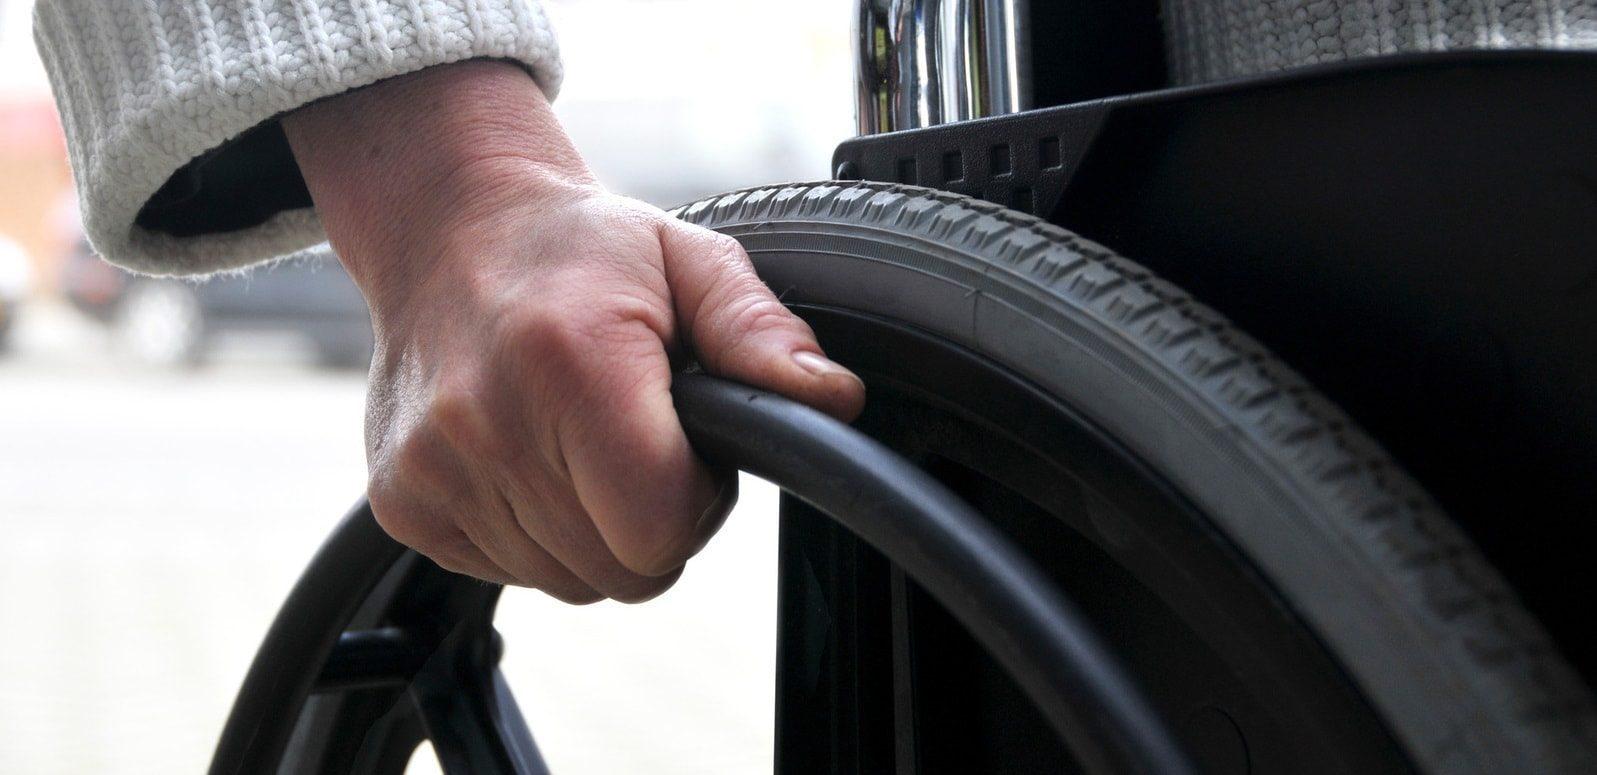 5 viktiga saker att tänka på innan du köper en manuell rullstol